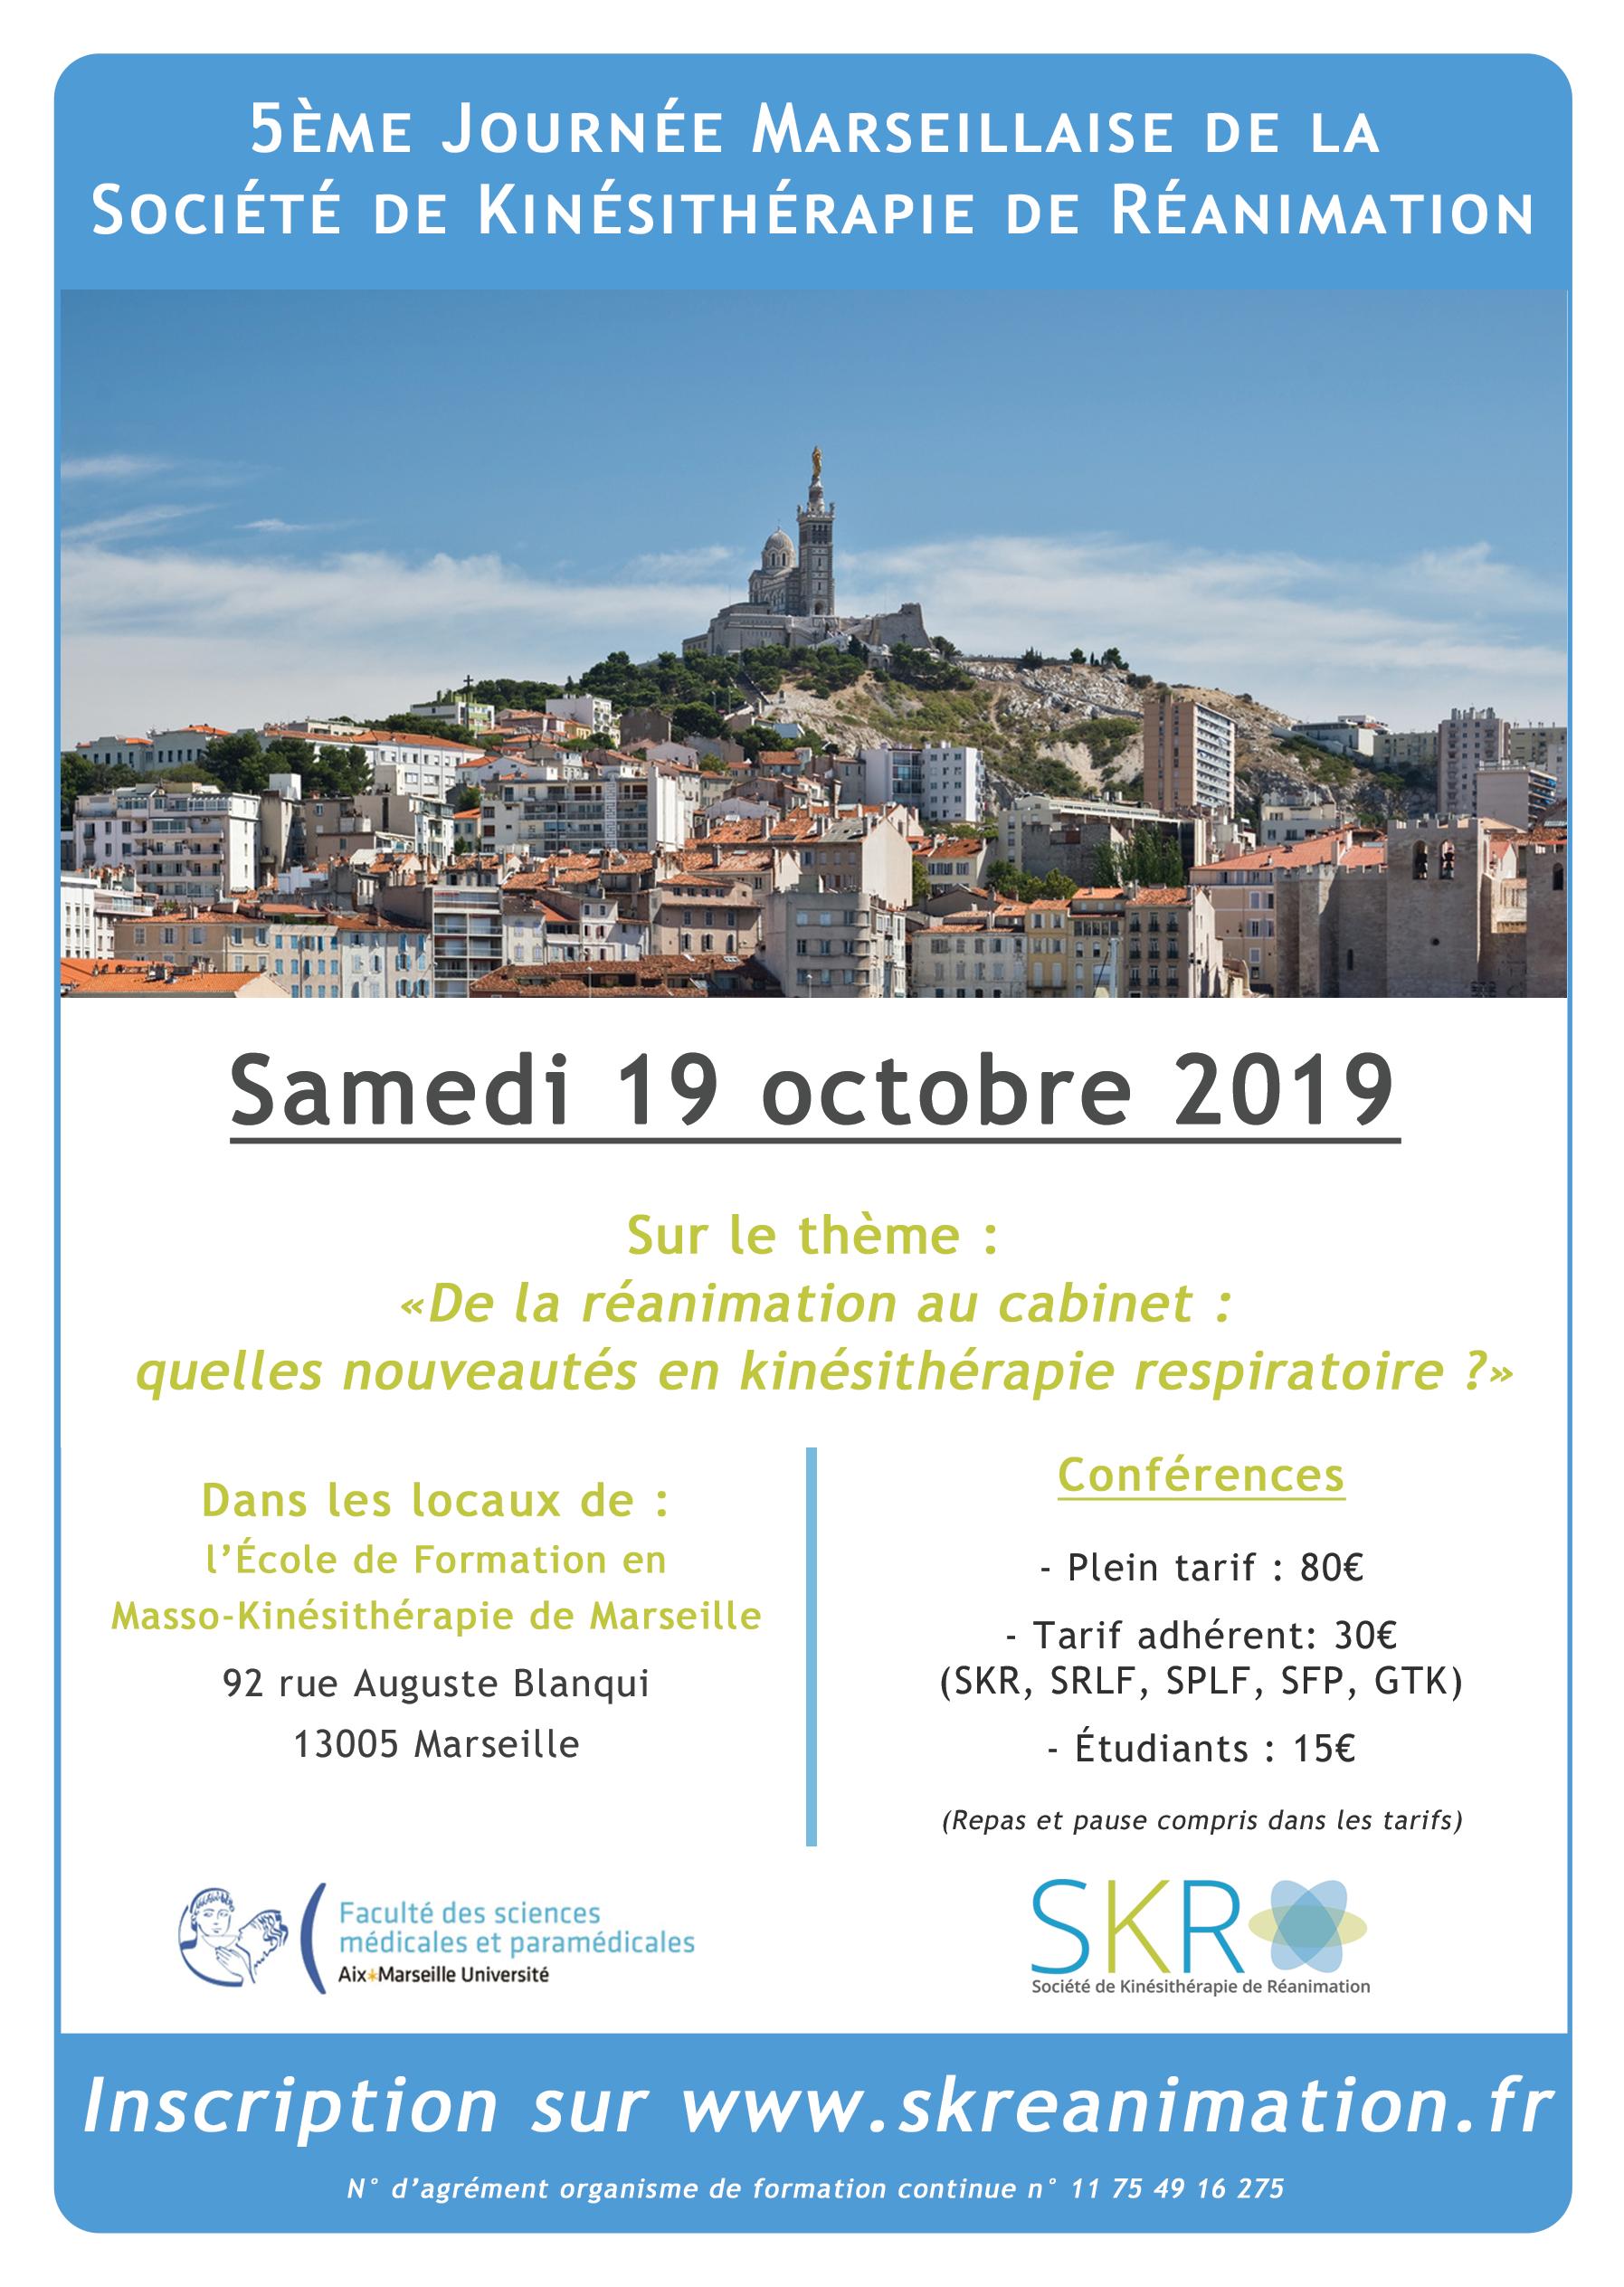 5ème Journée Marseillaise de la SKR – De la réanimation au cabinet: quelles nouveautés pour la kinésithérapie respiratoire ?